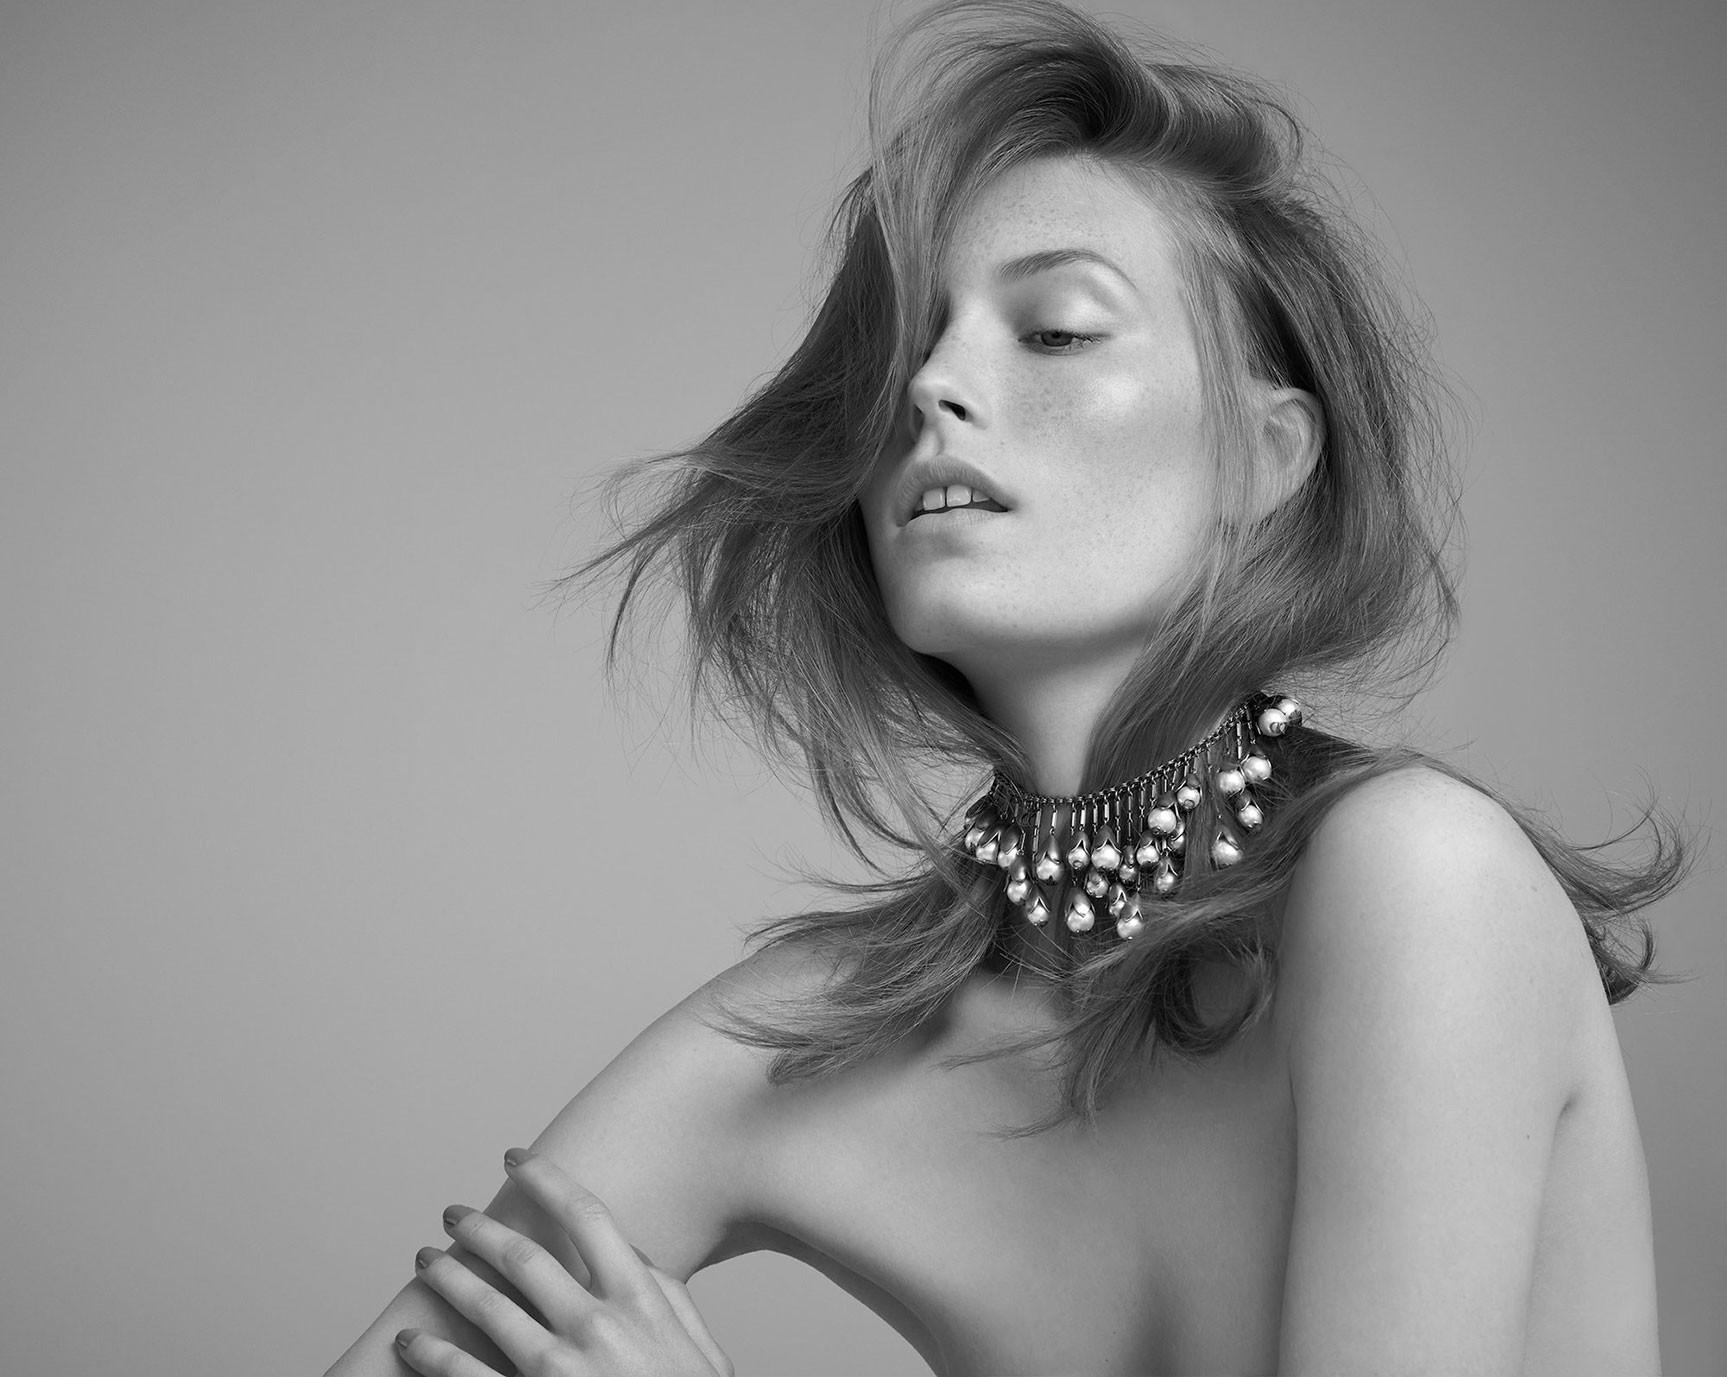 BVLGARI juwelery / Caroline Lossberg by Andreas Ortner - Harpers Bazaar Czech november 2017